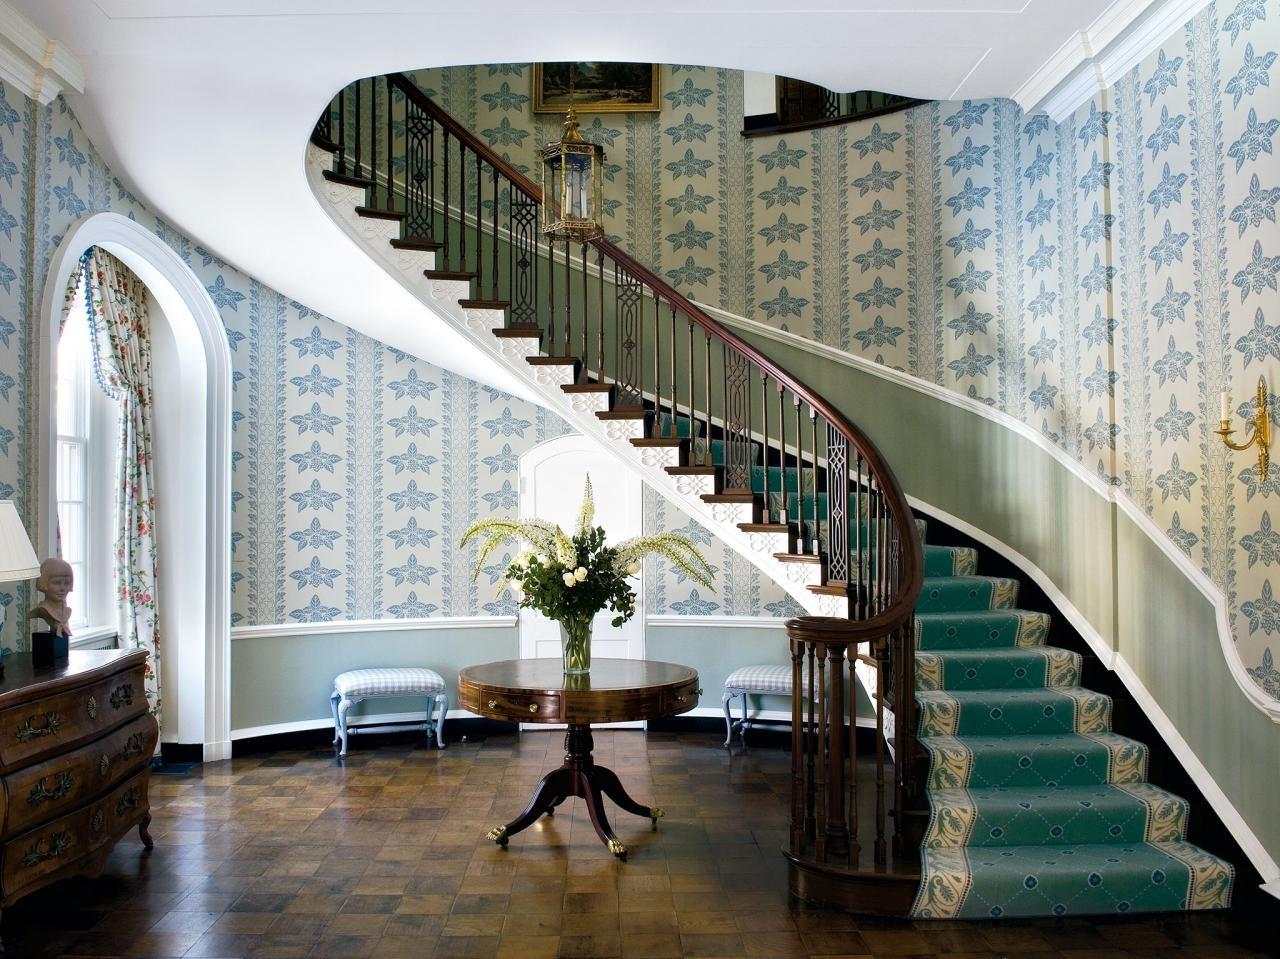 Décorez l'escalier avec du papier peint.